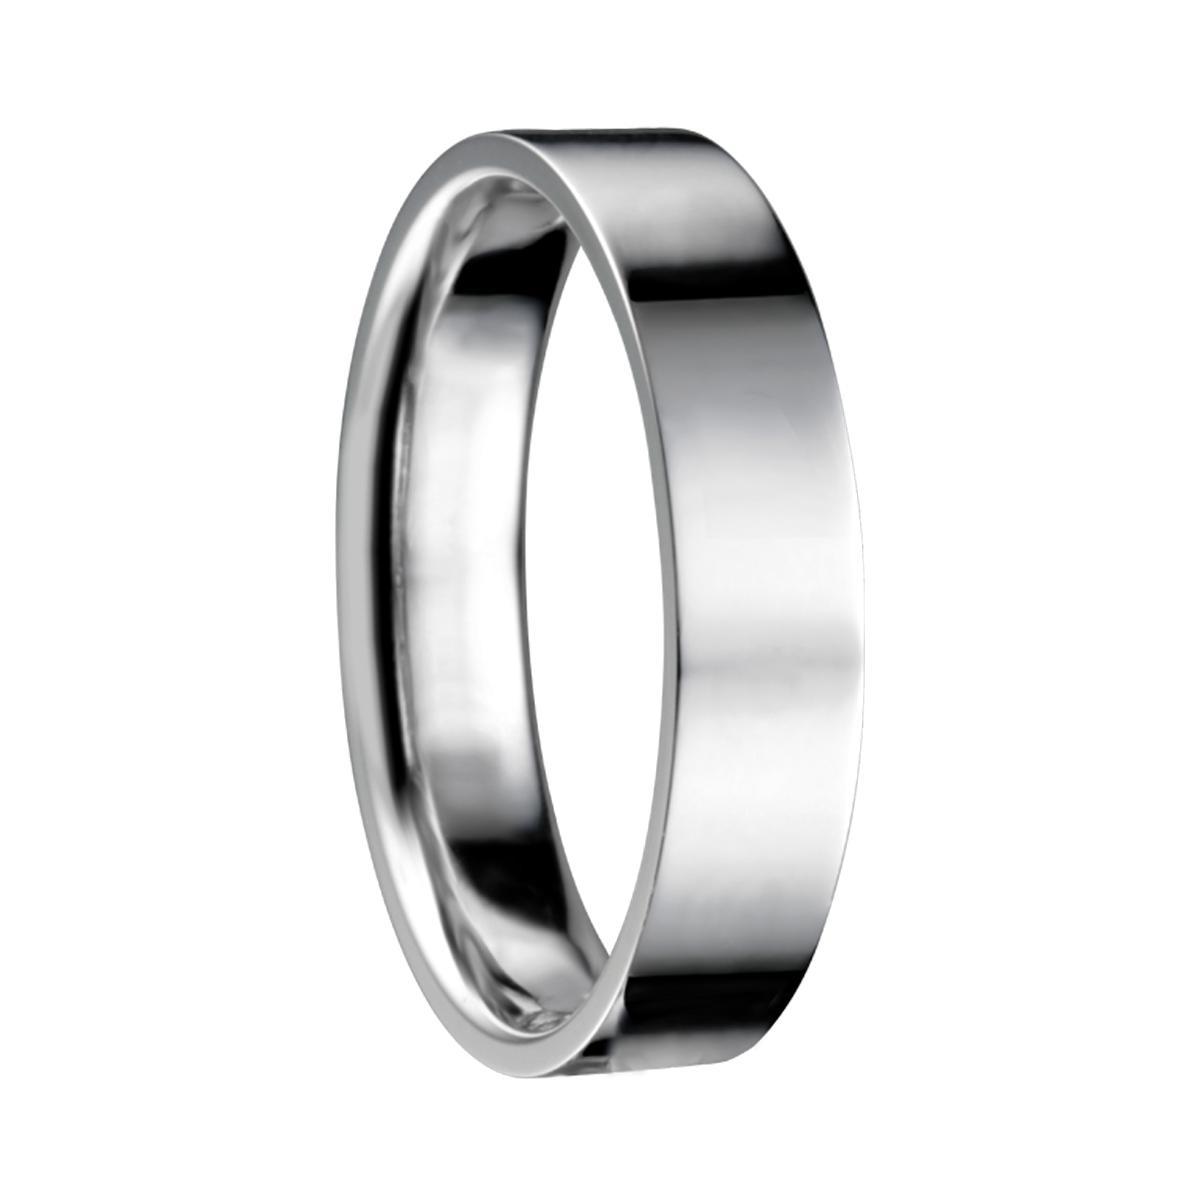 Bering Inner Ring